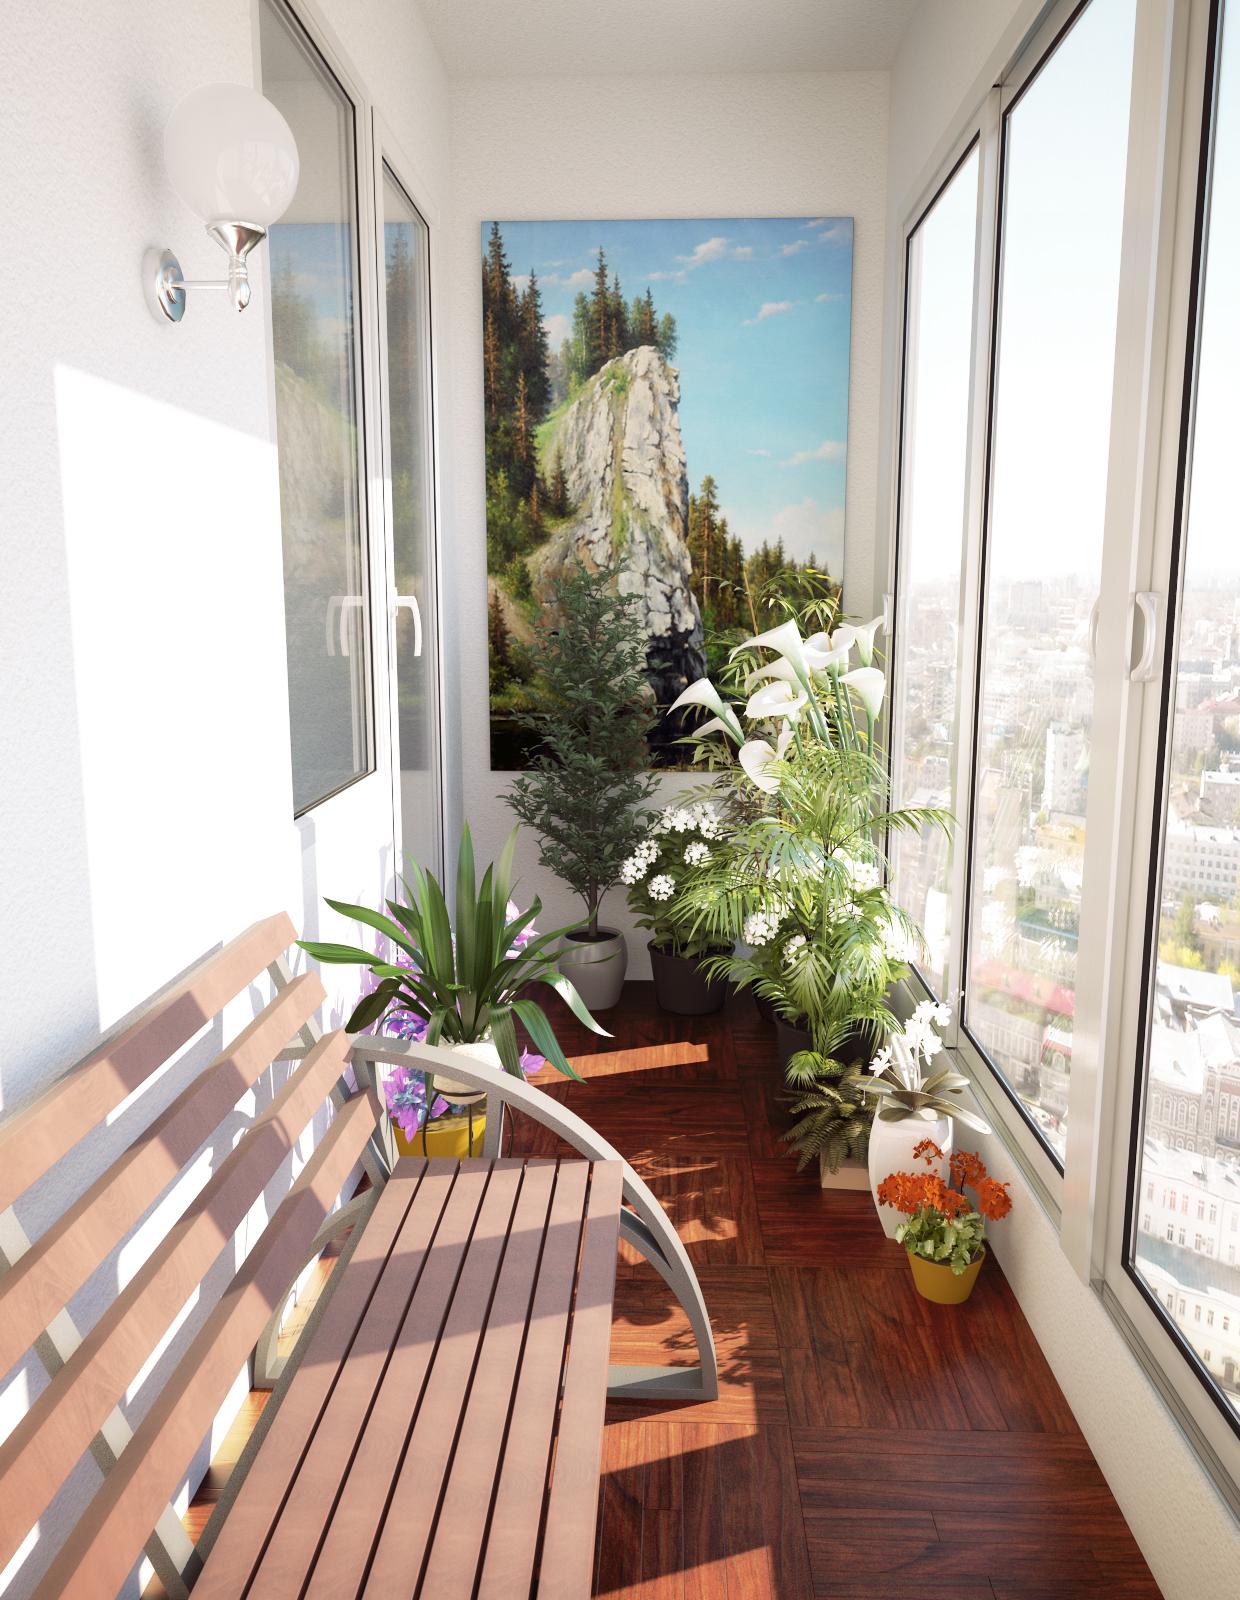 Дизайн балкона 2017 года - 120 фото идей как оформить модный.